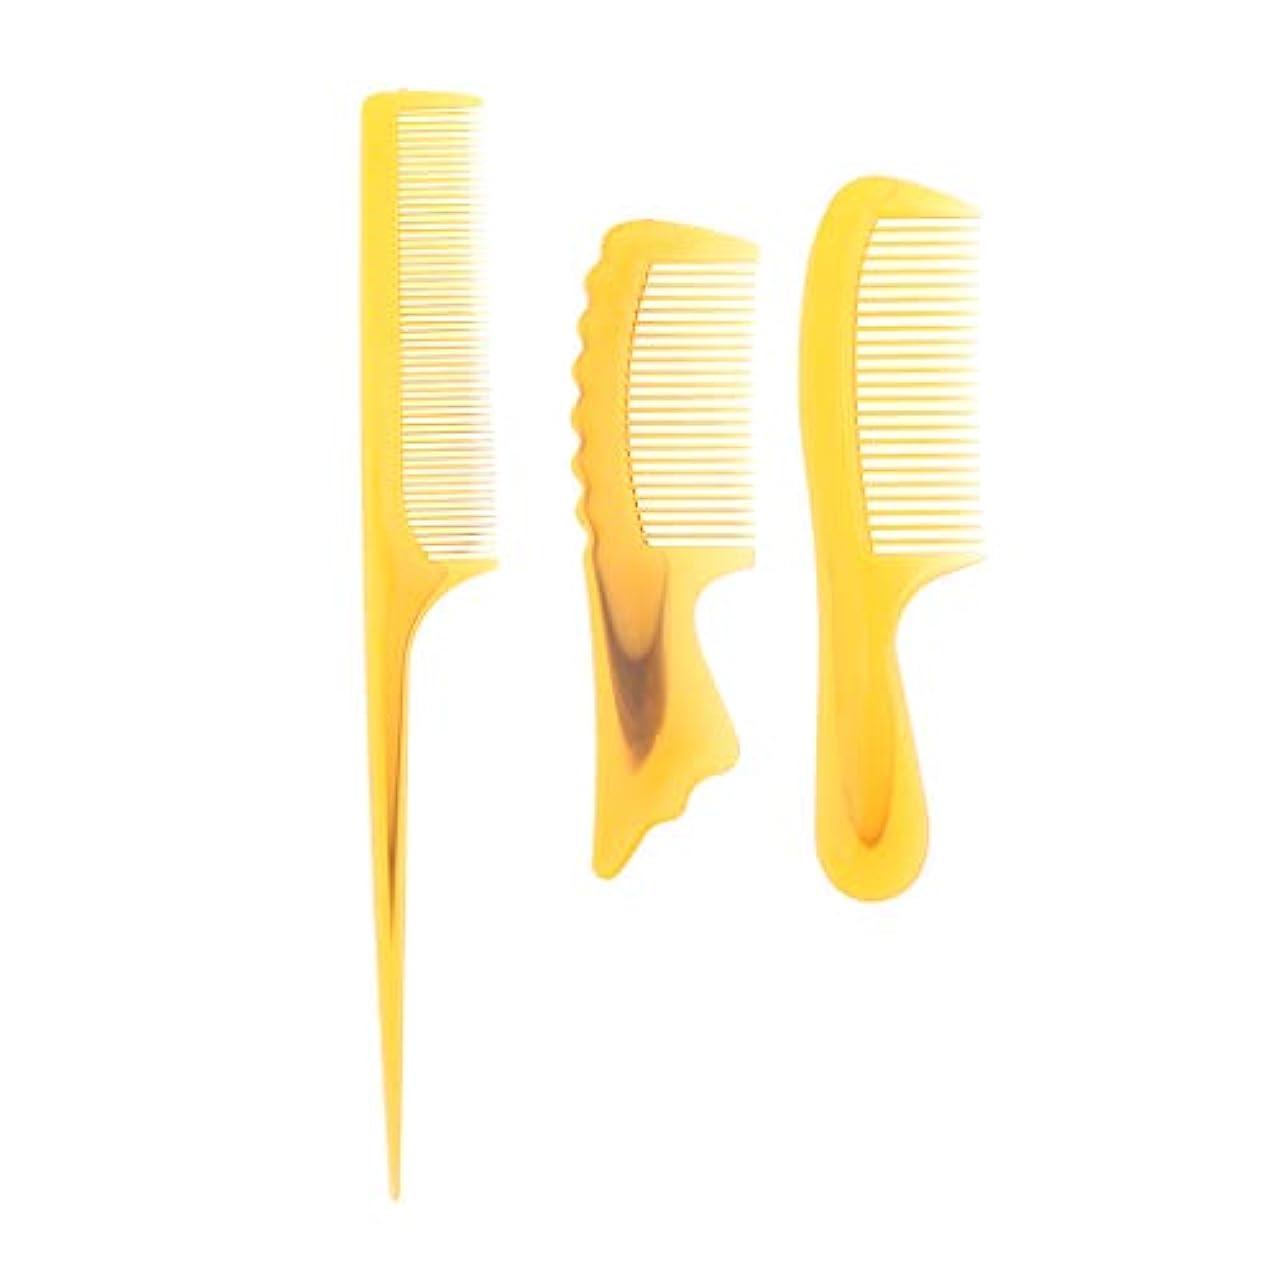 悲惨なピルなぜならB Baosity 3個 ヘアコーム 静電防止櫛 コーム 理髪 美容師 ヘアケア